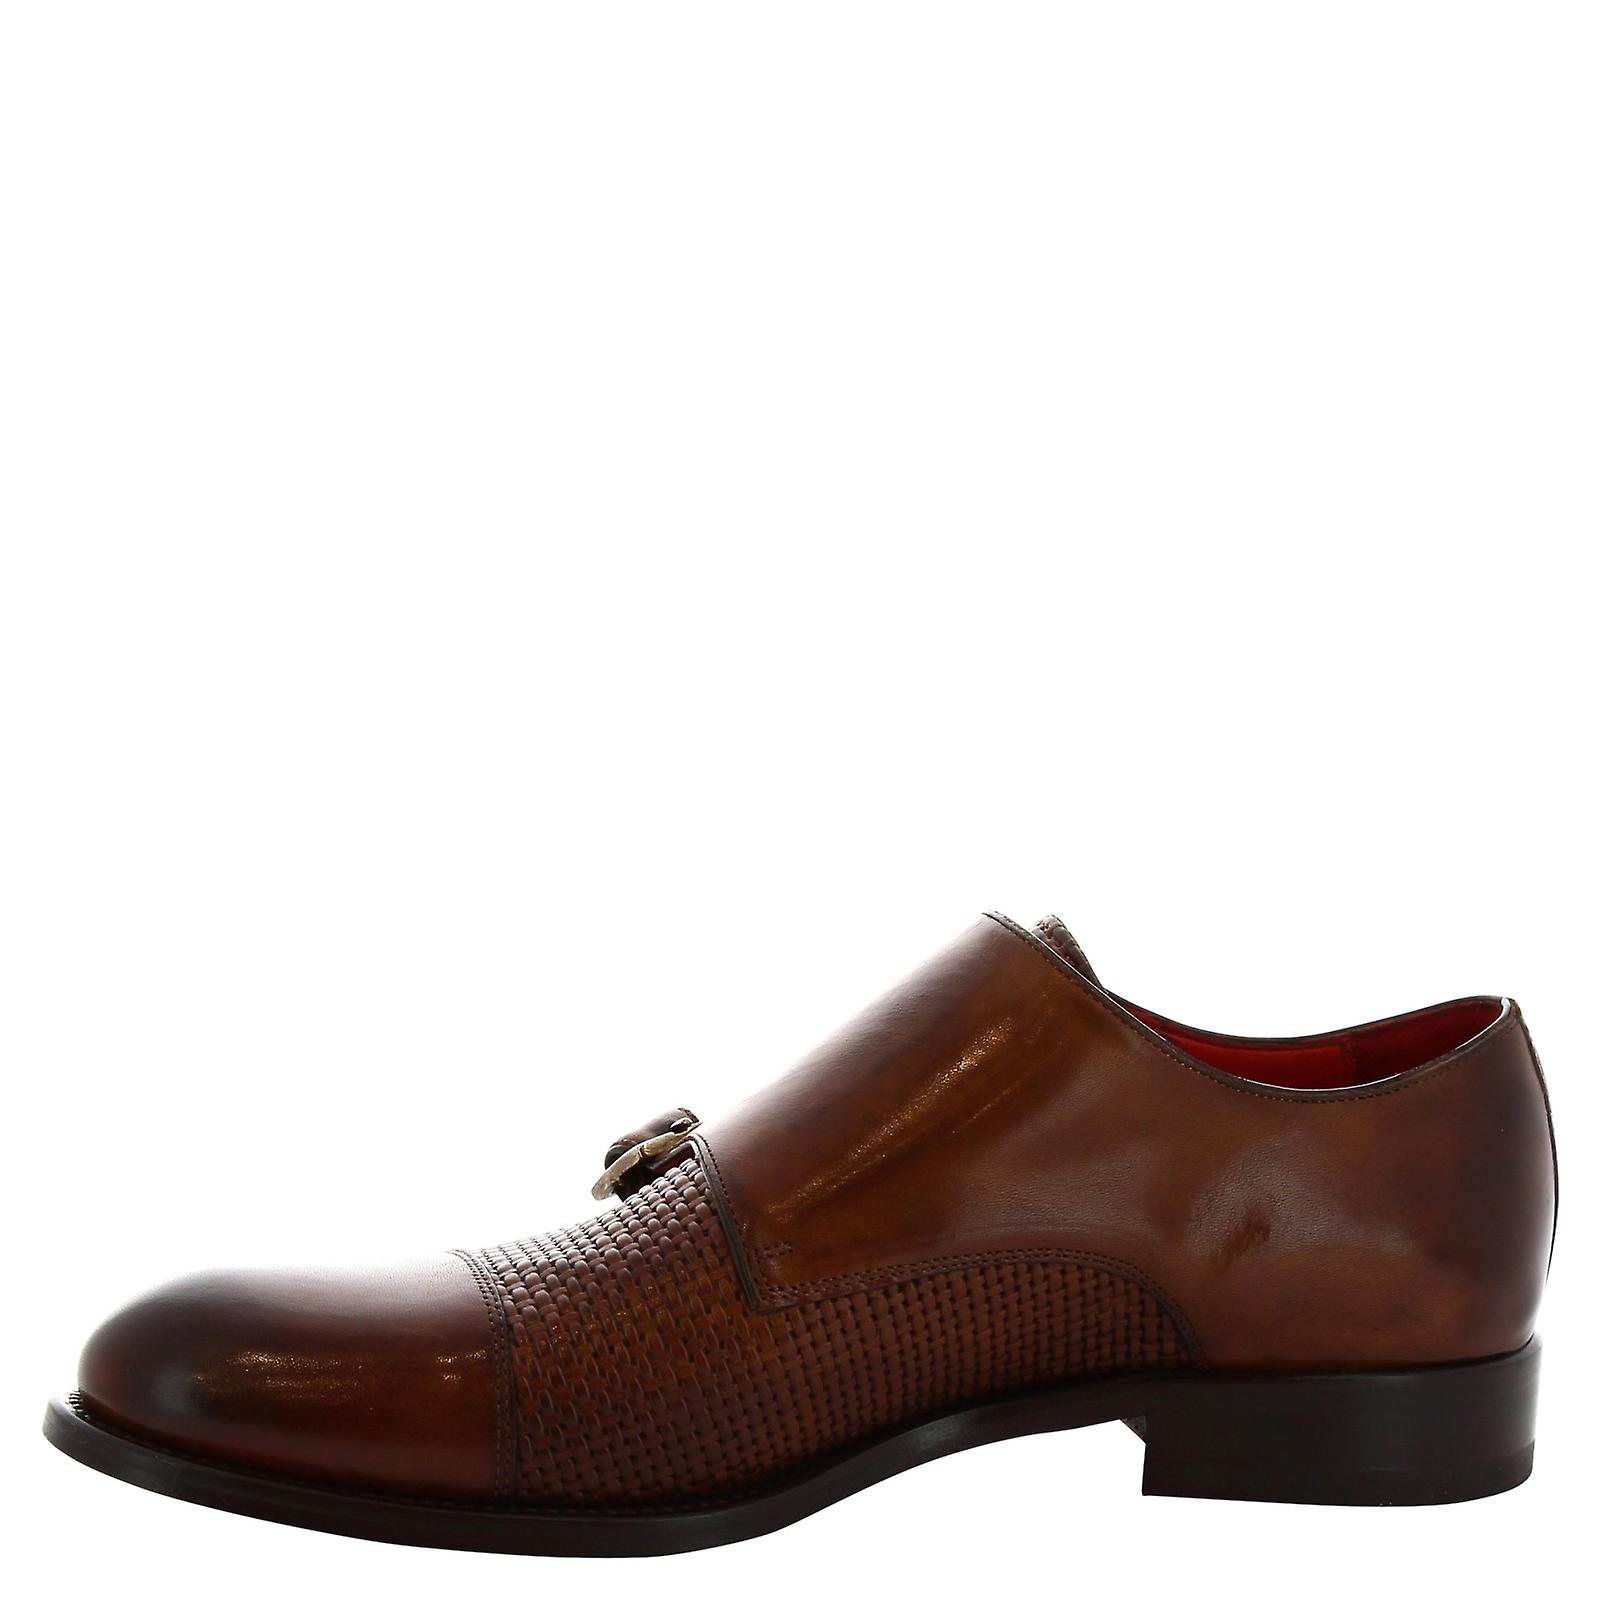 Leonardo Shoes 8619e19tomvitellodelavebrandy Men's Brown Leather Monk Strap Shoes 2OgK1E